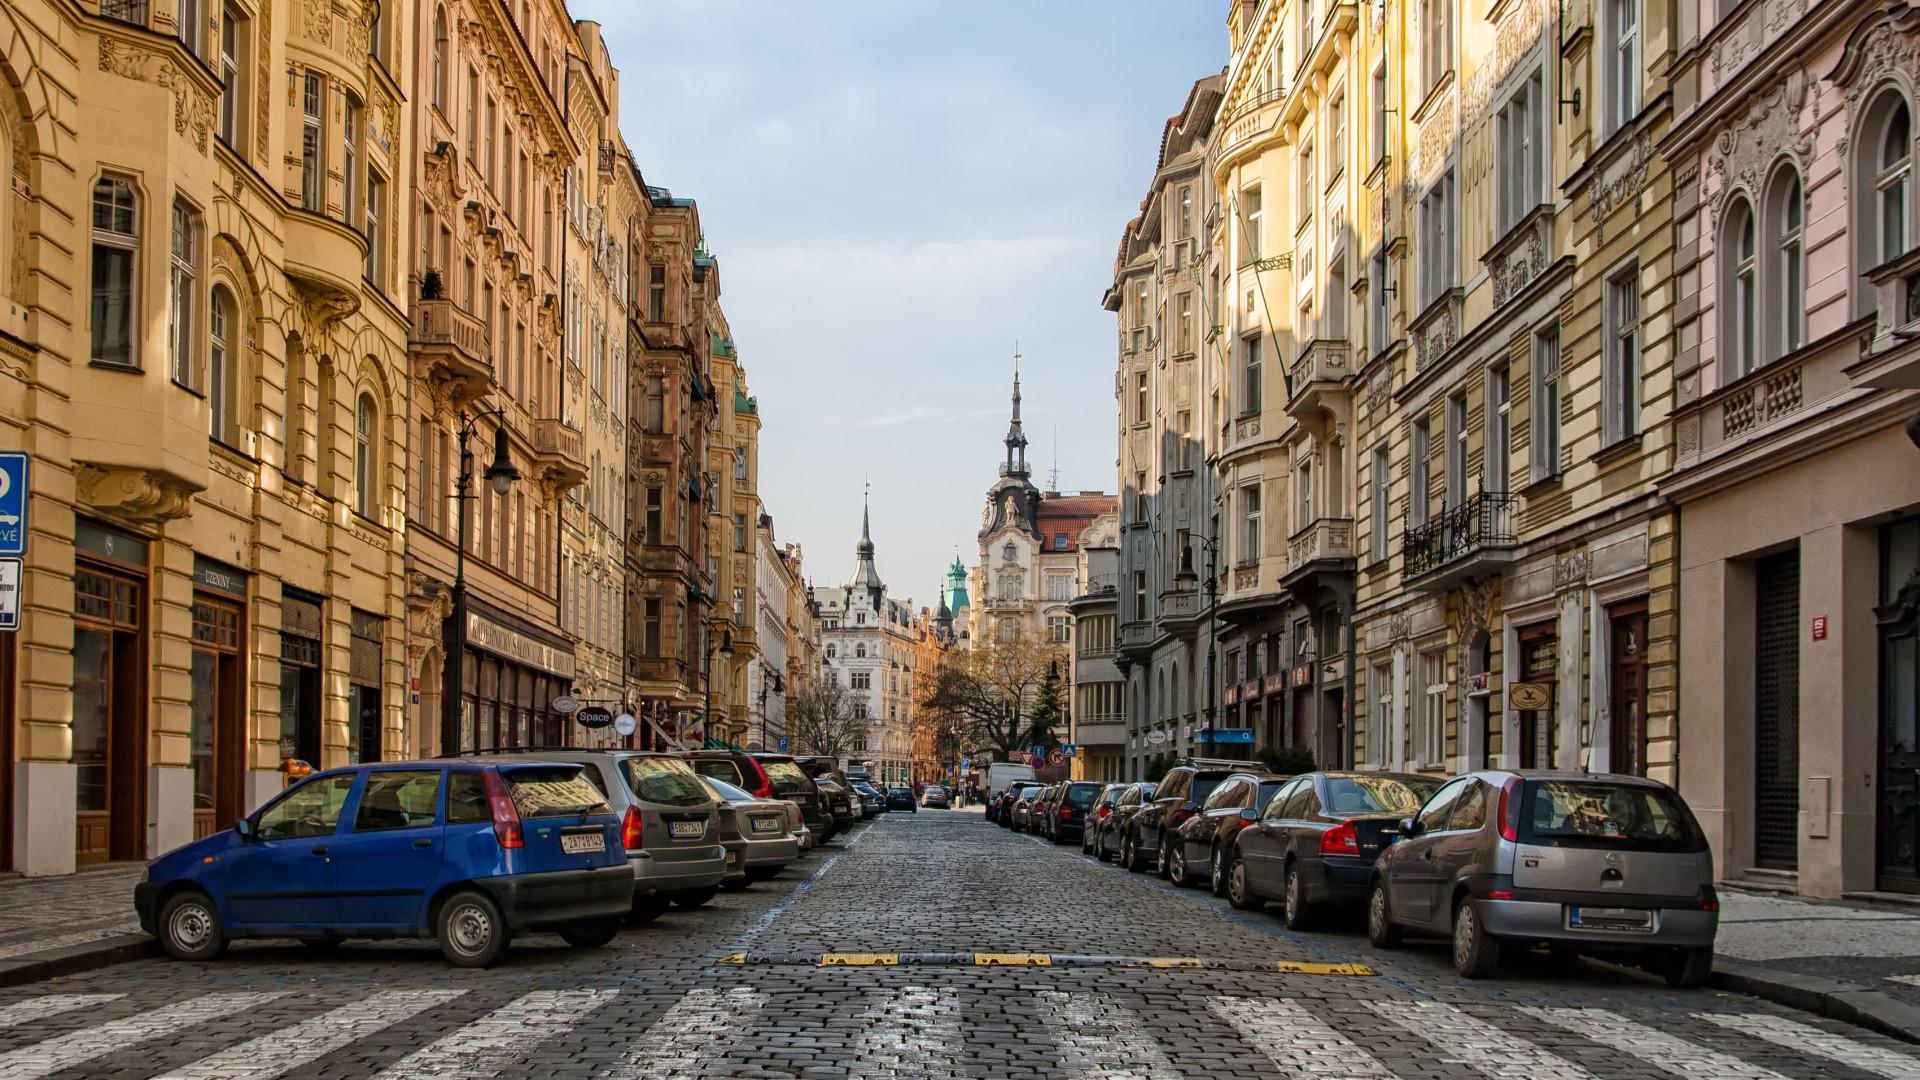 Hamarosan vége az ingyenes parkolásnak Magyarországon